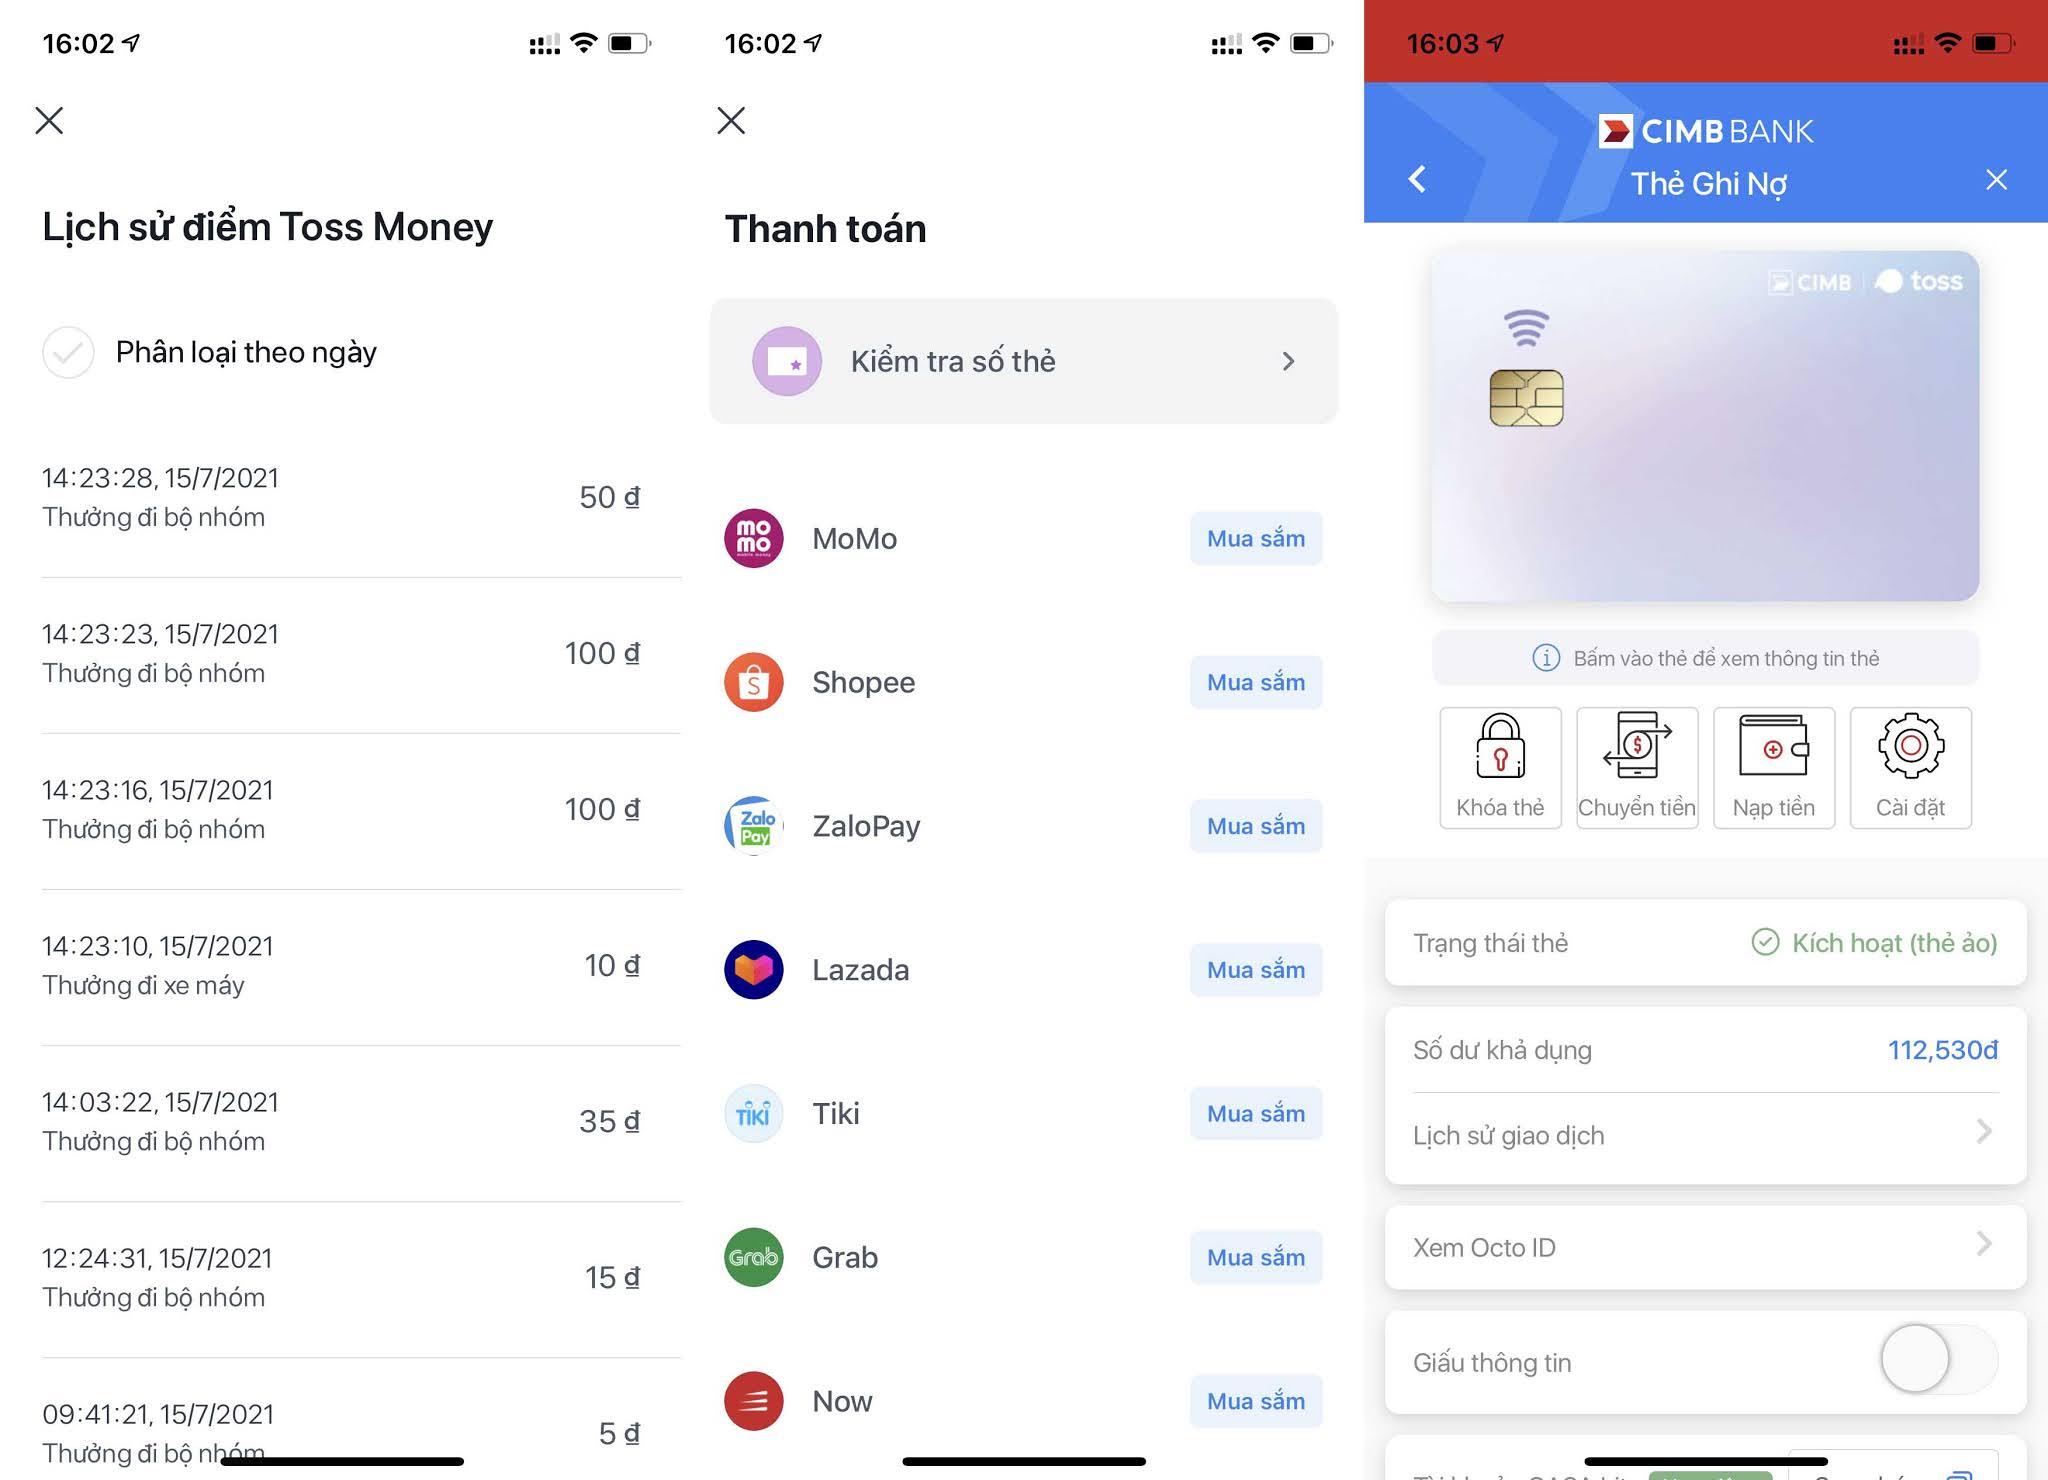 App đi bộ kiếm tiền có thật không?